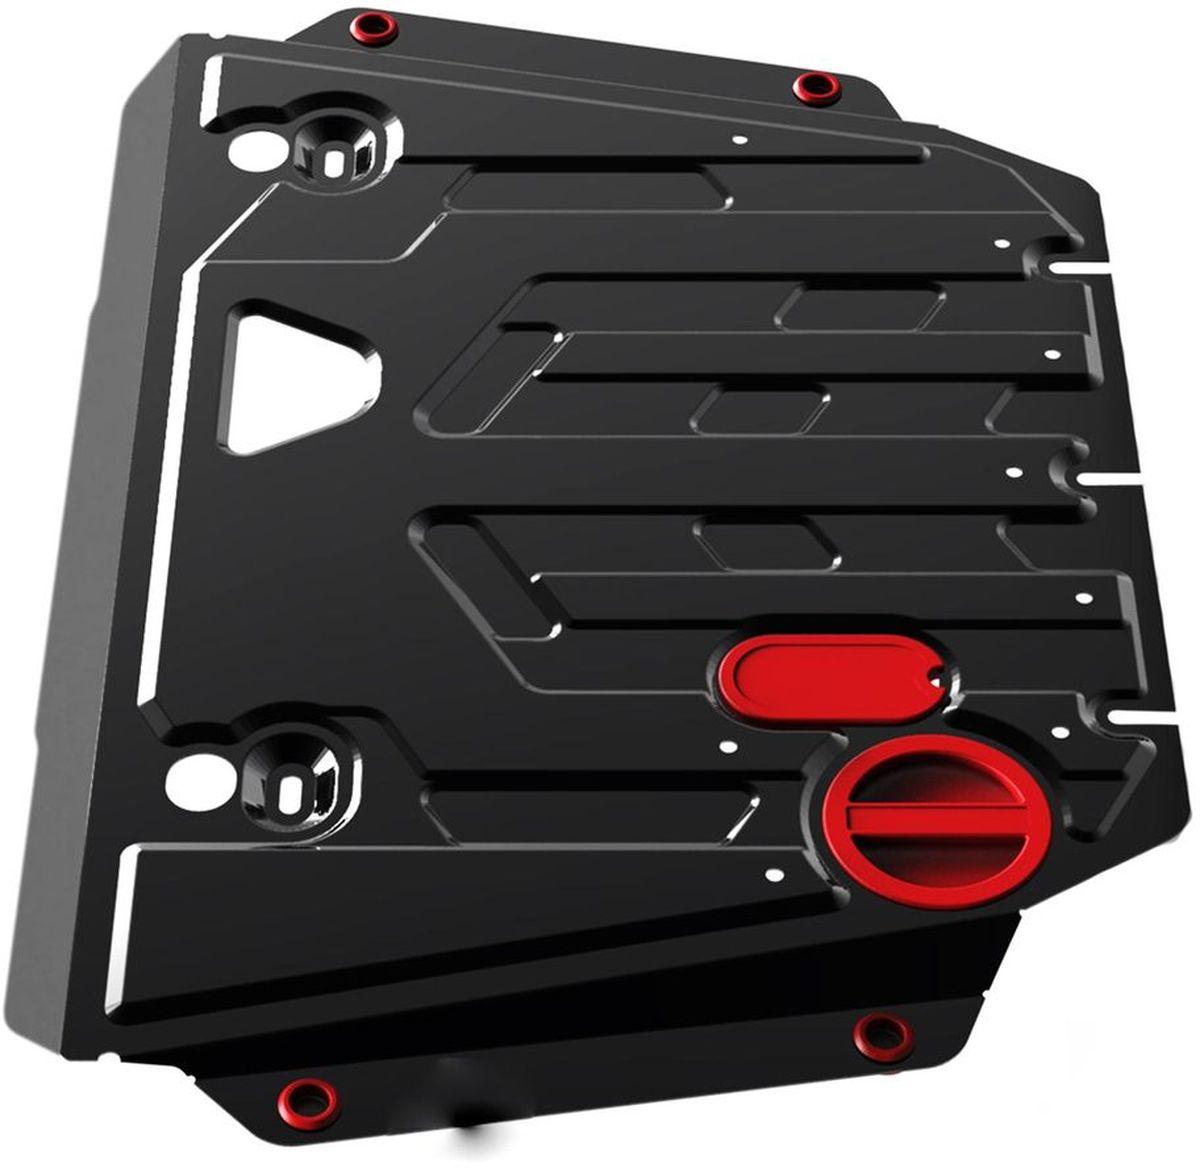 Защита картера Автоброня, для Toyota LC150 часть 2, V - 4,0; V - 3,0TD/ Lexus GX 460 2 часть, V - 4,61004900000360Технологически совершенный продукт за невысокую стоимость.Защита разработана с учетом особенностей днища автомобиля, что позволяет сохранить дорожный просвет с минимальным изменением.Защита устанавливается в штатные места кузова автомобиля. Глубокий штамп обеспечивает до двух раз больше жесткости в сравнении с обычной защитой той же толщины. Проштампованные ребра жесткости препятствуют деформации защиты при ударах.Тепловой зазор и вентиляционные отверстия обеспечивают сохранение температурного режима двигателя в норме. Скрытый крепеж предотвращает срыв крепежных элементов при наезде на препятствие.Шумопоглощающие резиновые элементы обеспечивают комфортную езду без вибраций и скрежета металла, а съемные лючки для слива масла и замены фильтра - экономию средств и время.Конструкция изделия не влияет на пассивную безопасность автомобиля (при ударе защита не воздействует на деформационные зоны кузова). Со штатным крепежом. В комплекте инструкция по установке.Толщина стали: 2 мм.Уважаемые клиенты!Обращаем ваше внимание, что элемент защиты имеет форму, соответствующую модели данного автомобиля. Фото служит для визуального восприятия товара и может отличаться от фактического.